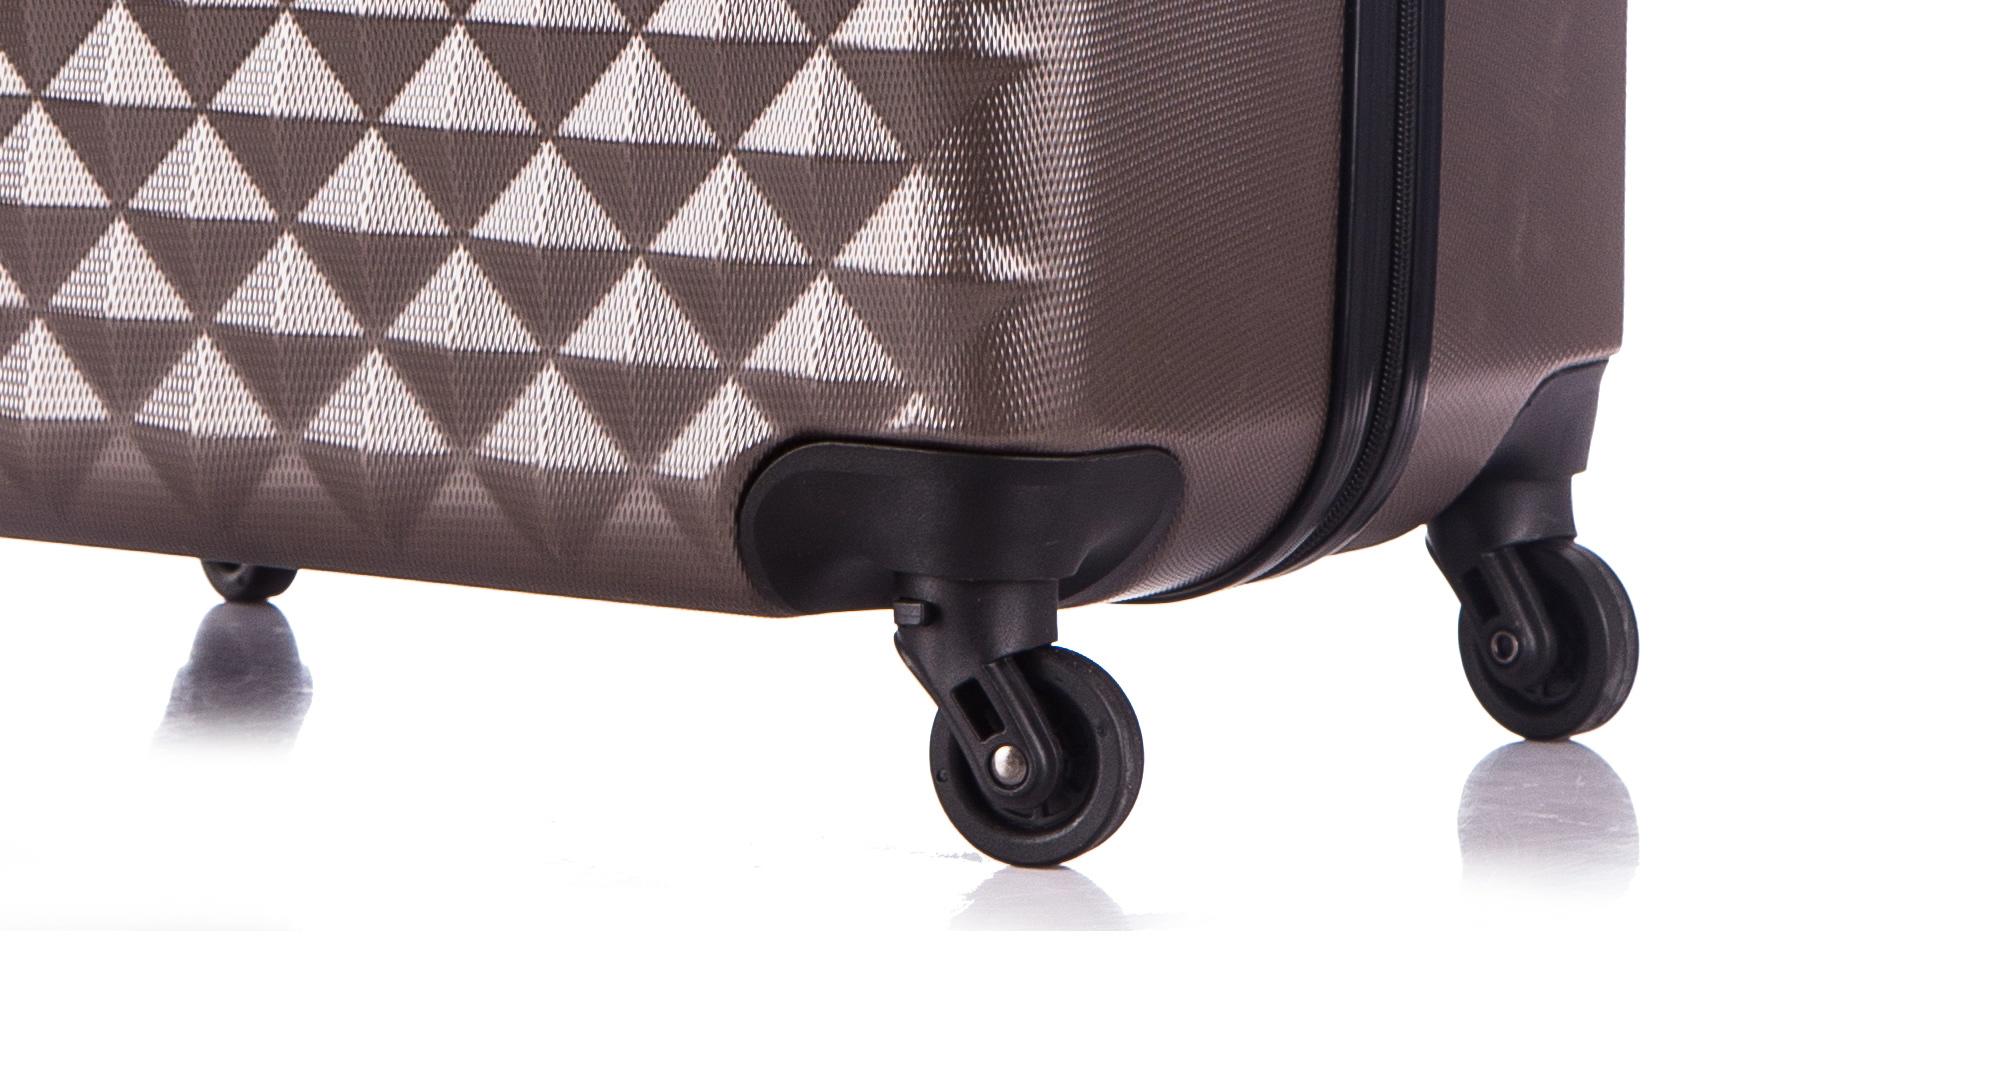 Чемодан со съемными колесами L'case Phatthaya-28 Кофейный (L)